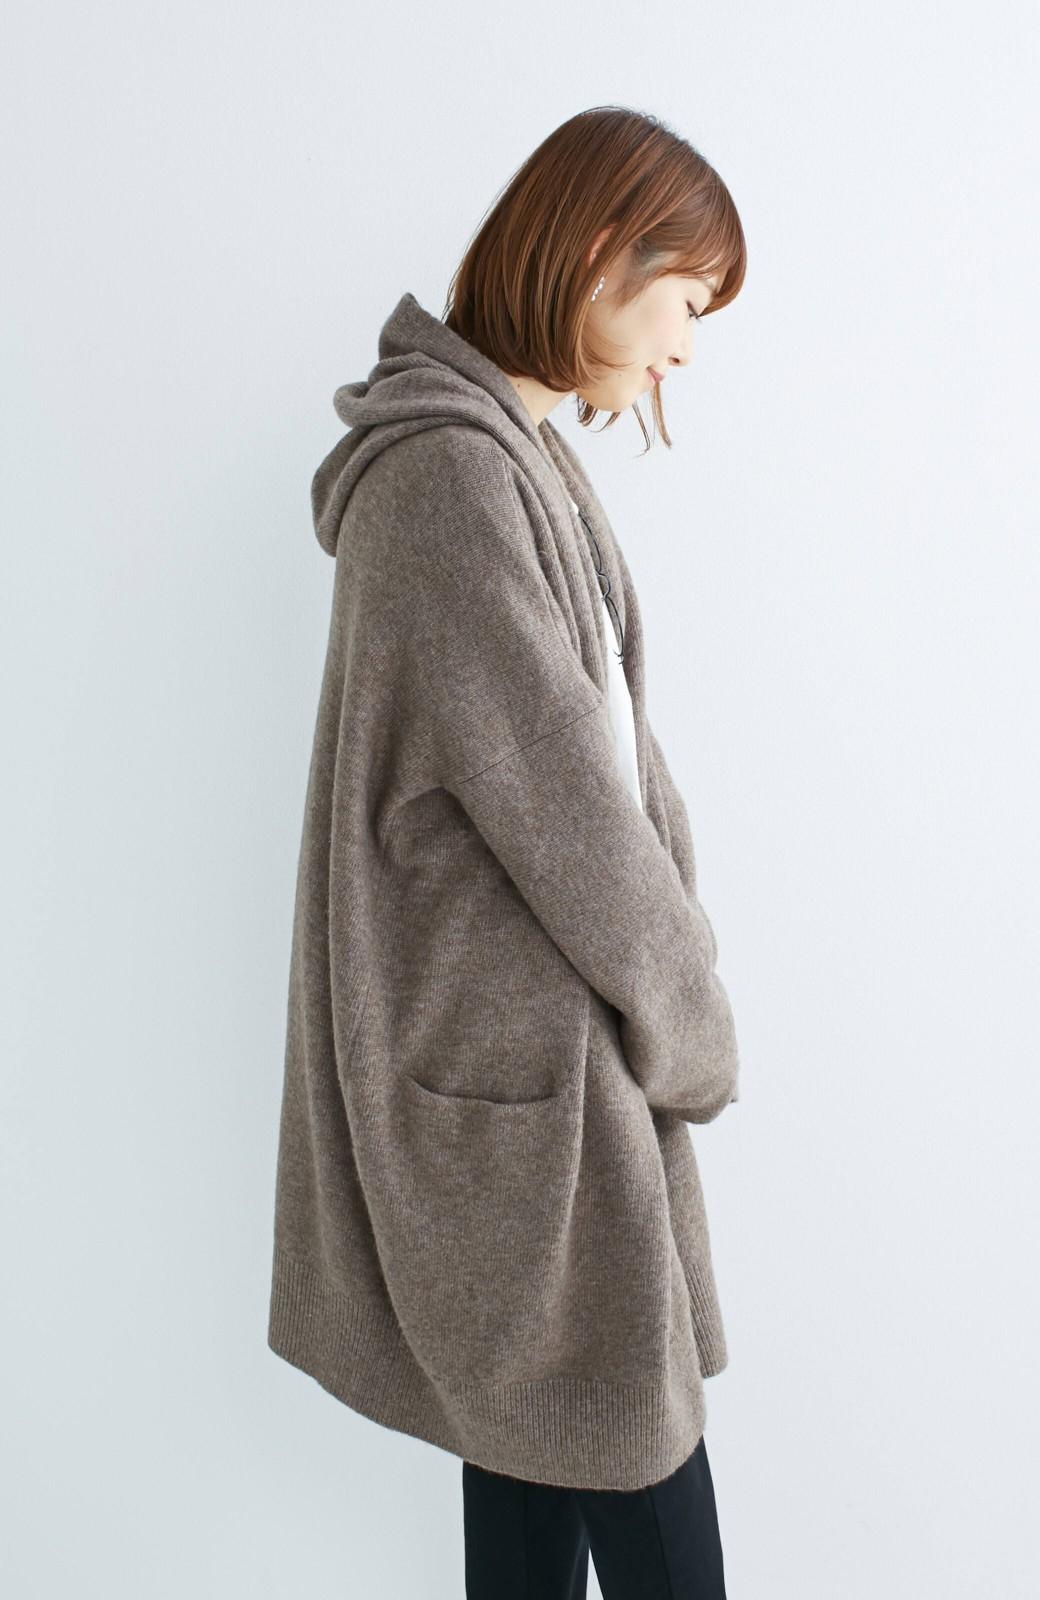 エムトロワ ぱっと羽織るのに便利な軽くてあったかいニットガウンコート <ブラウン>の商品写真3